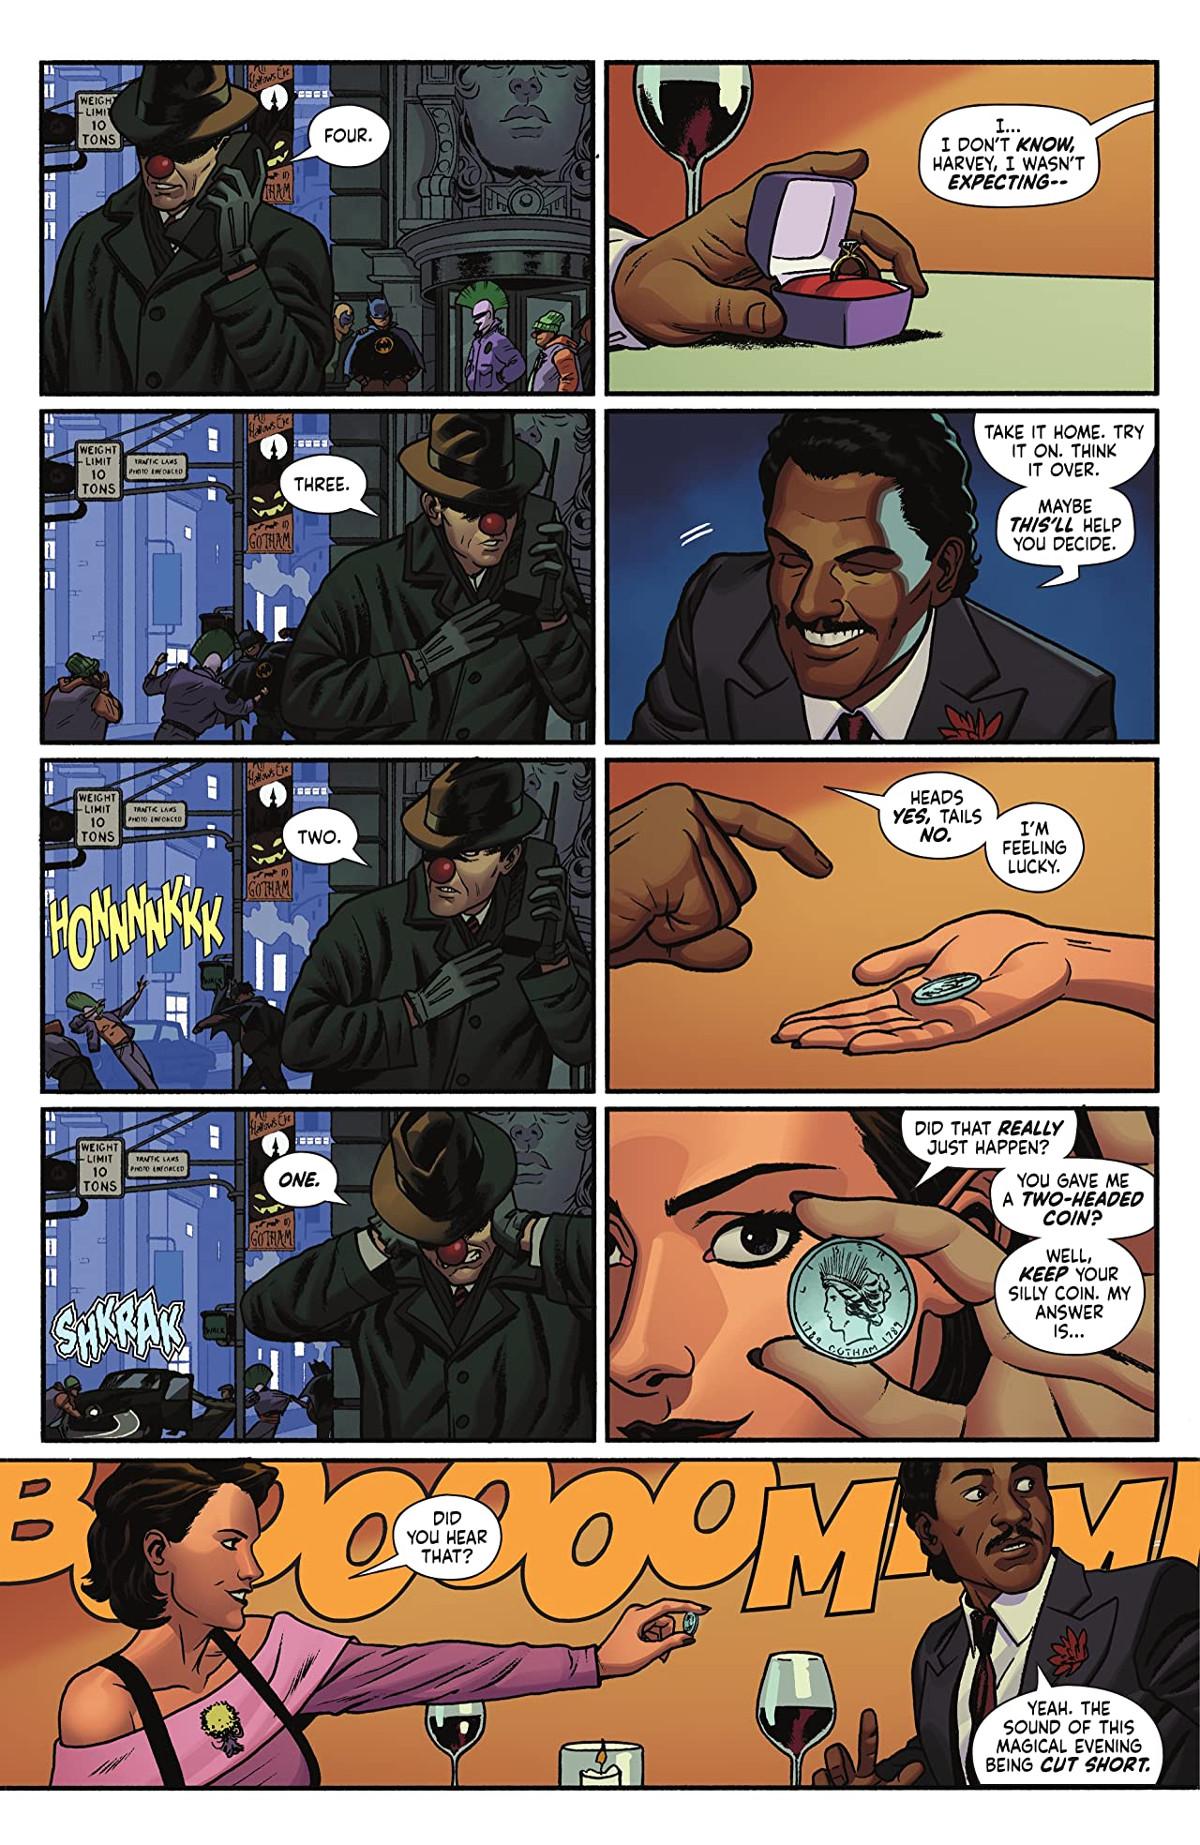 Batman 89 #1 Page 2